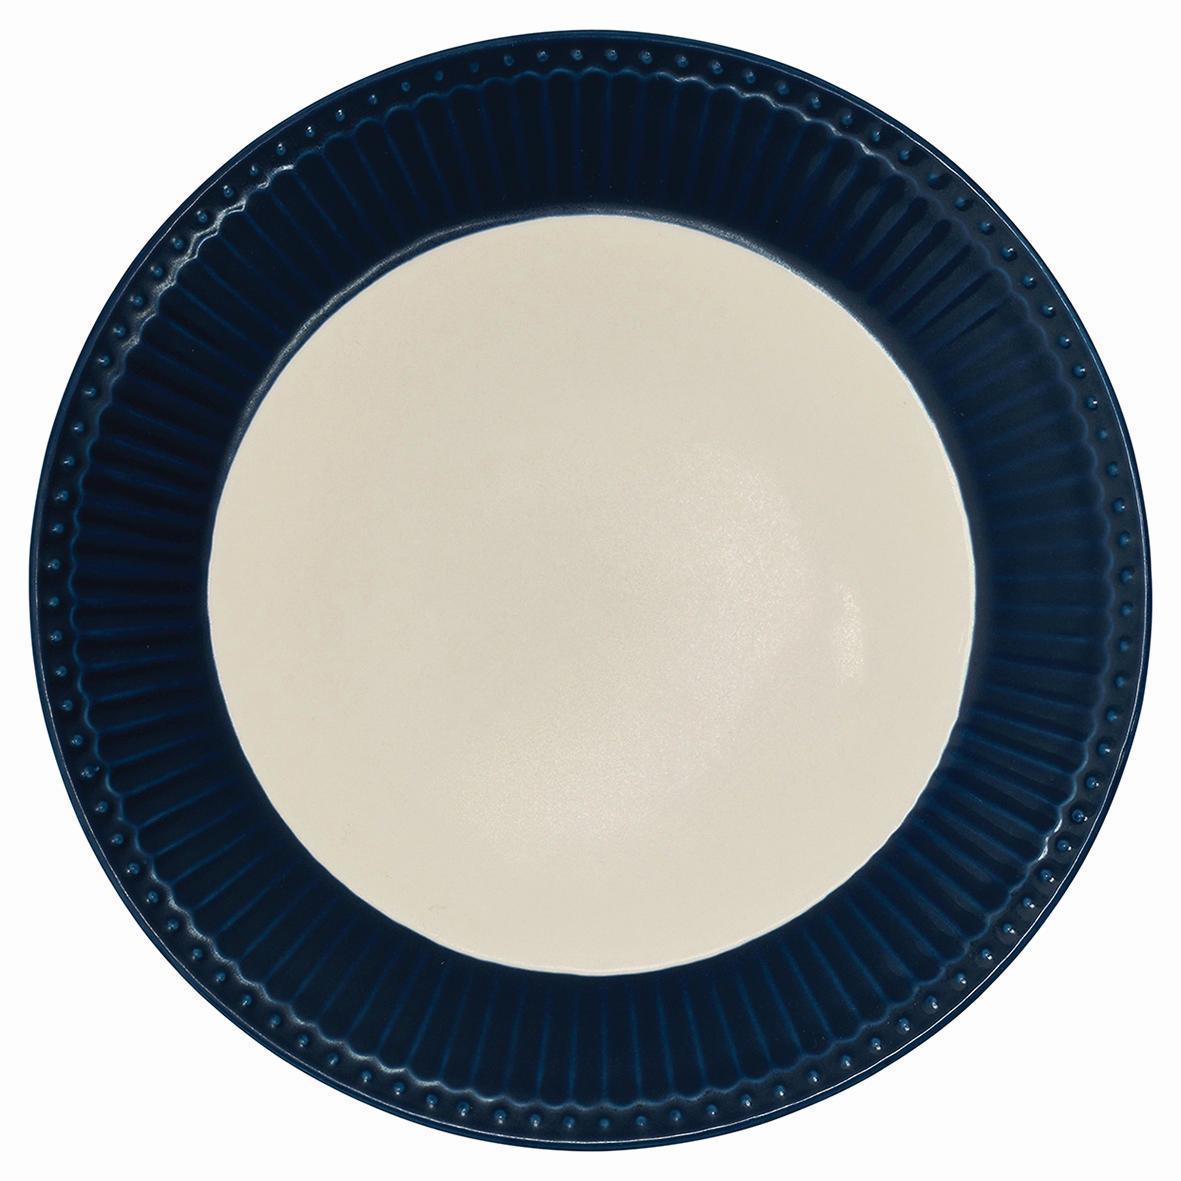 GREEN GATE Dezertní talíř Alice dark blue, modrá barva, porcelán